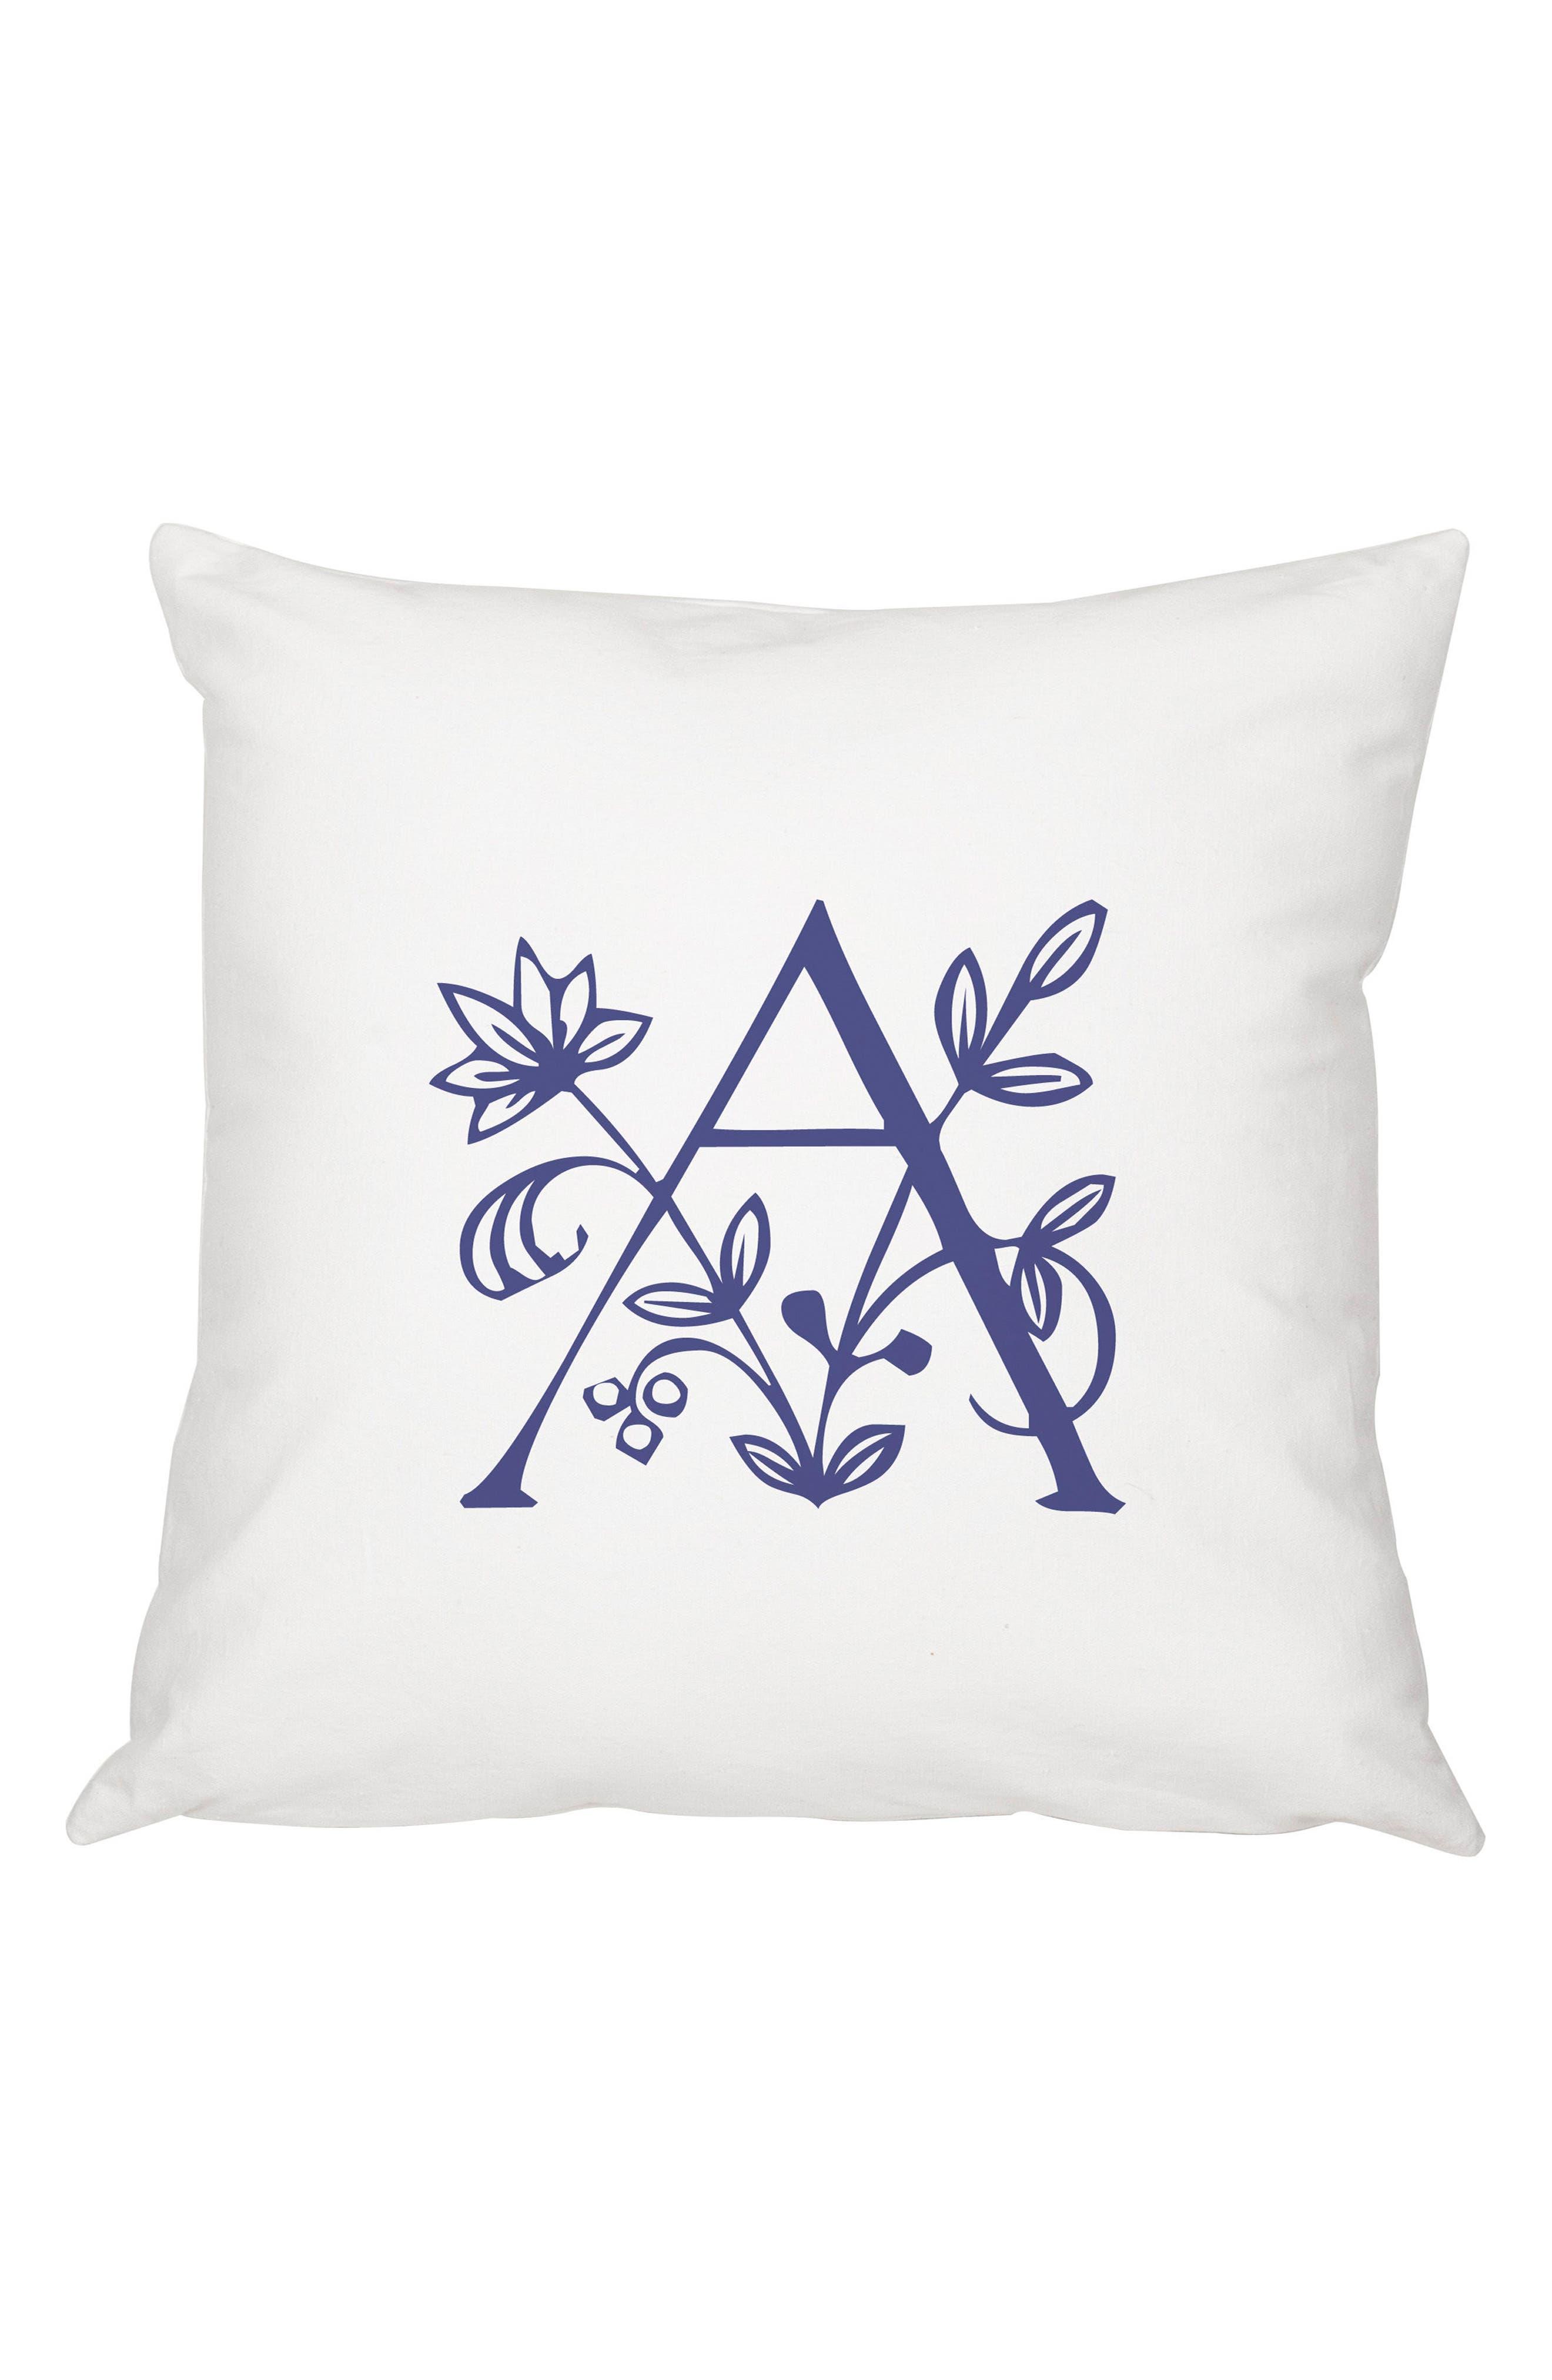 Floral Monogram Accent Pillow,                             Main thumbnail 1, color,                             400